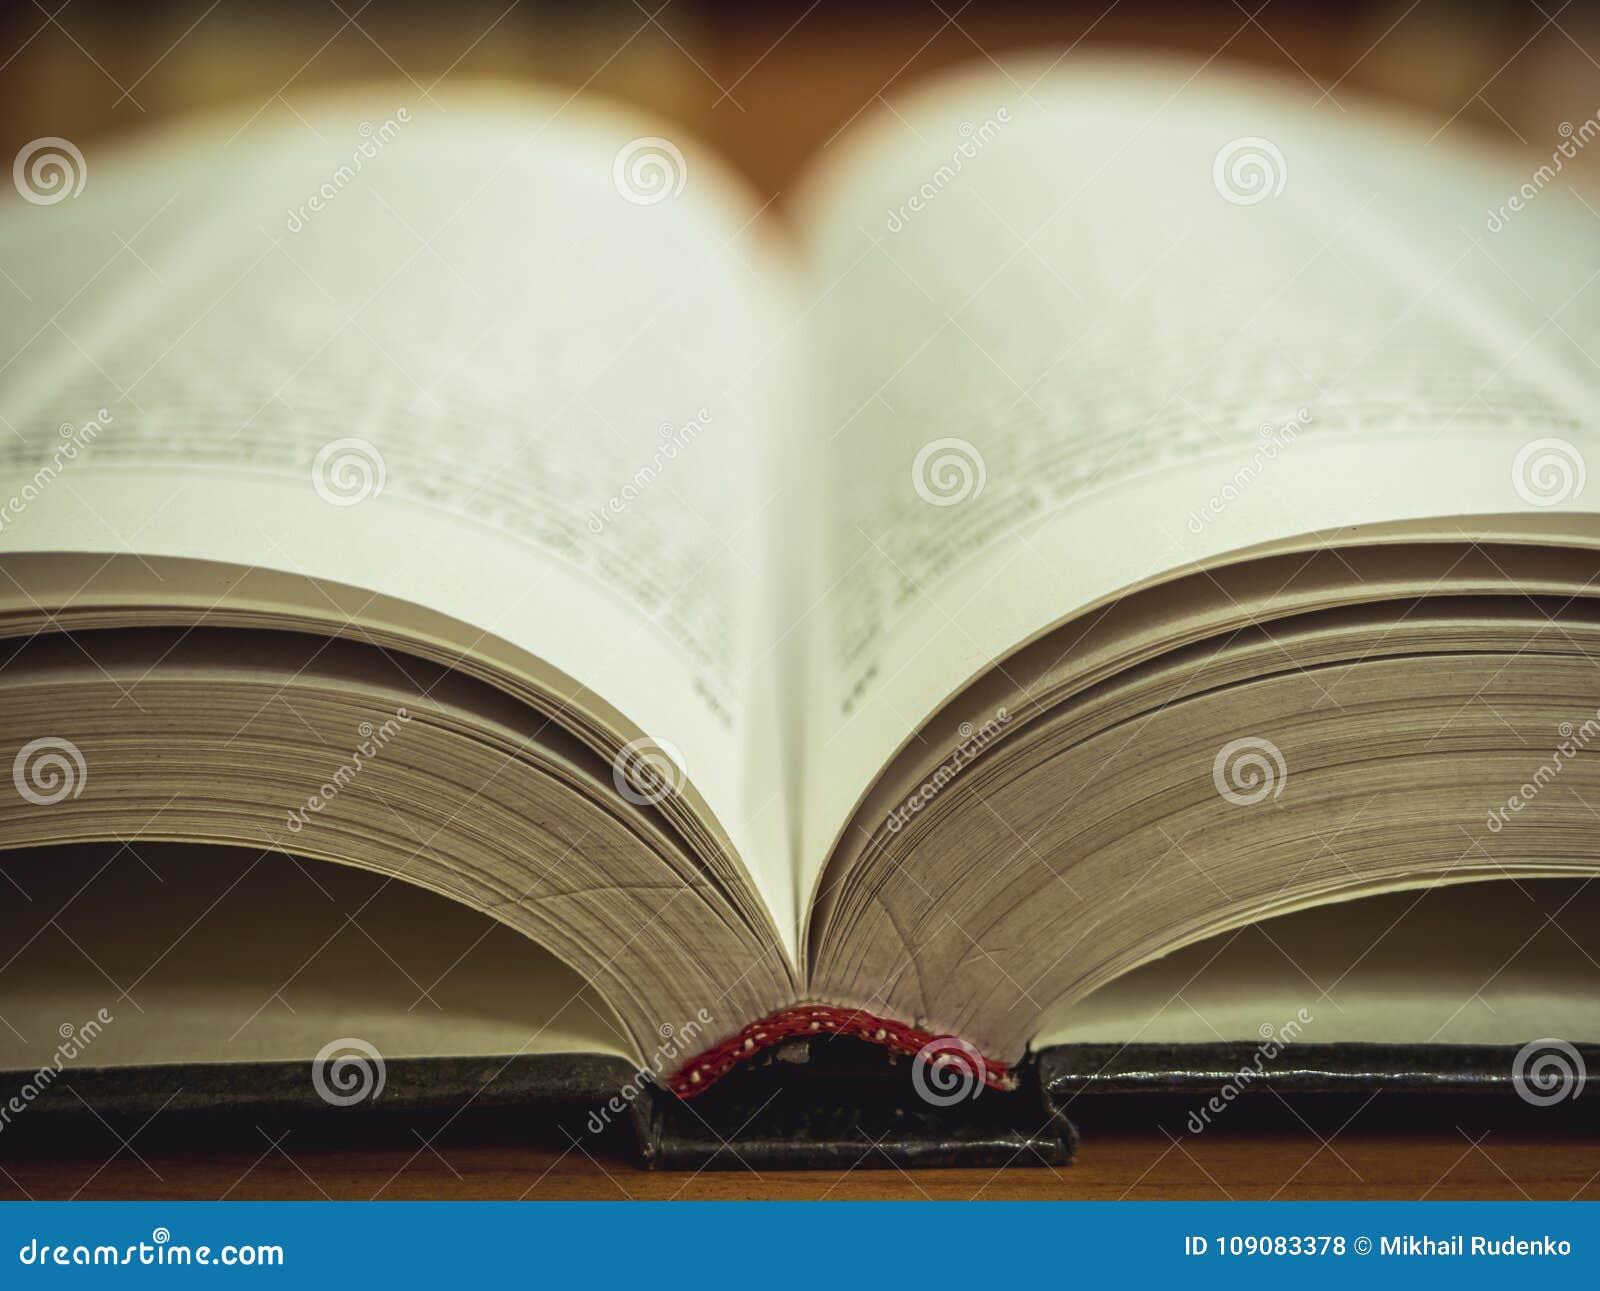 Macroschot van het geopende boek op de lijst